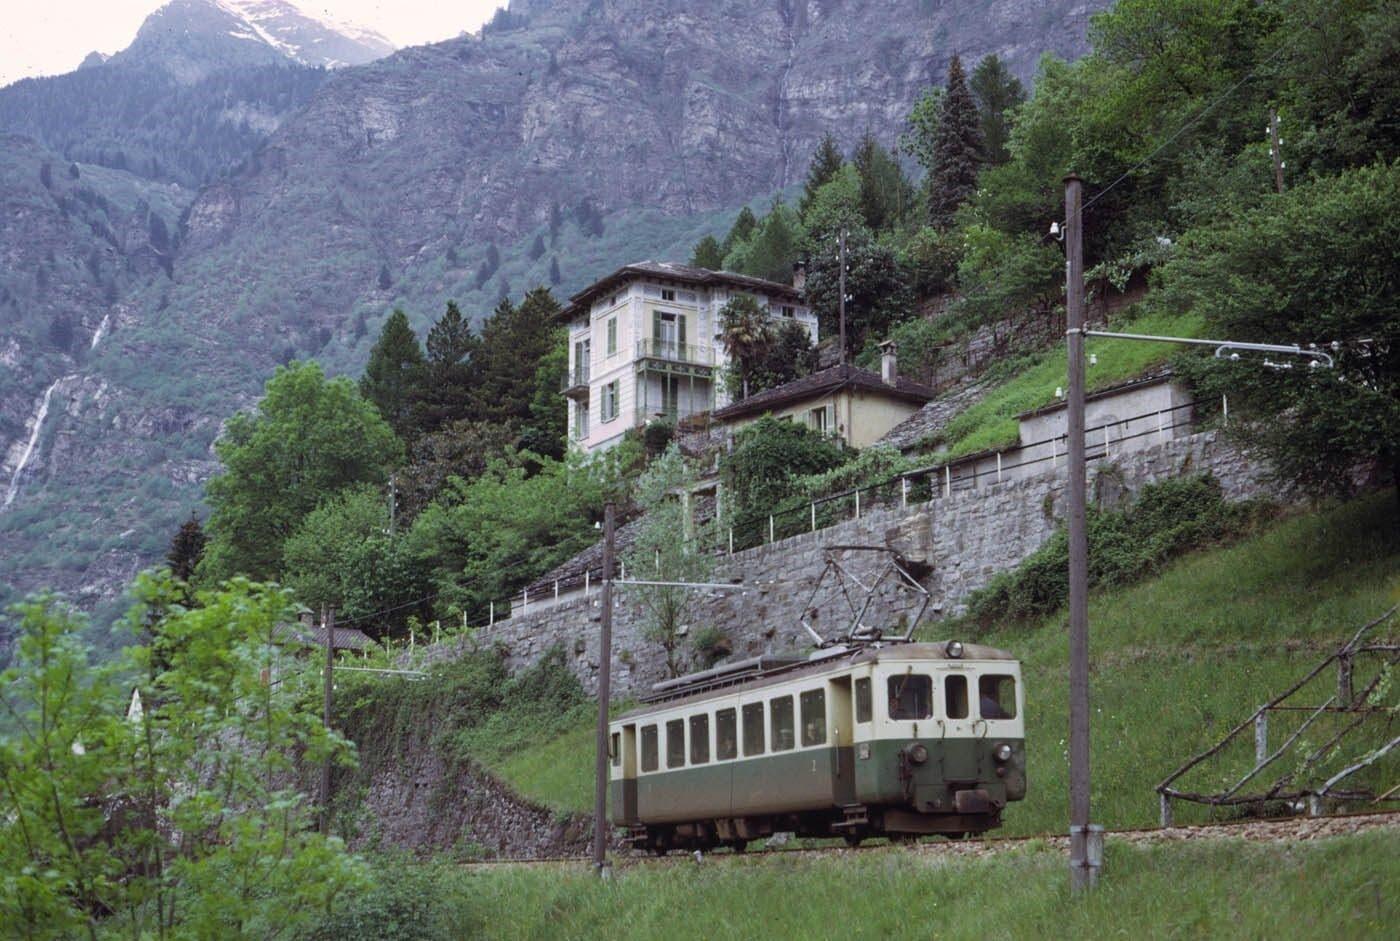 Bis 2012 stand der Triebwagen im Misox für touristische Extrafahrten im Einsatz.